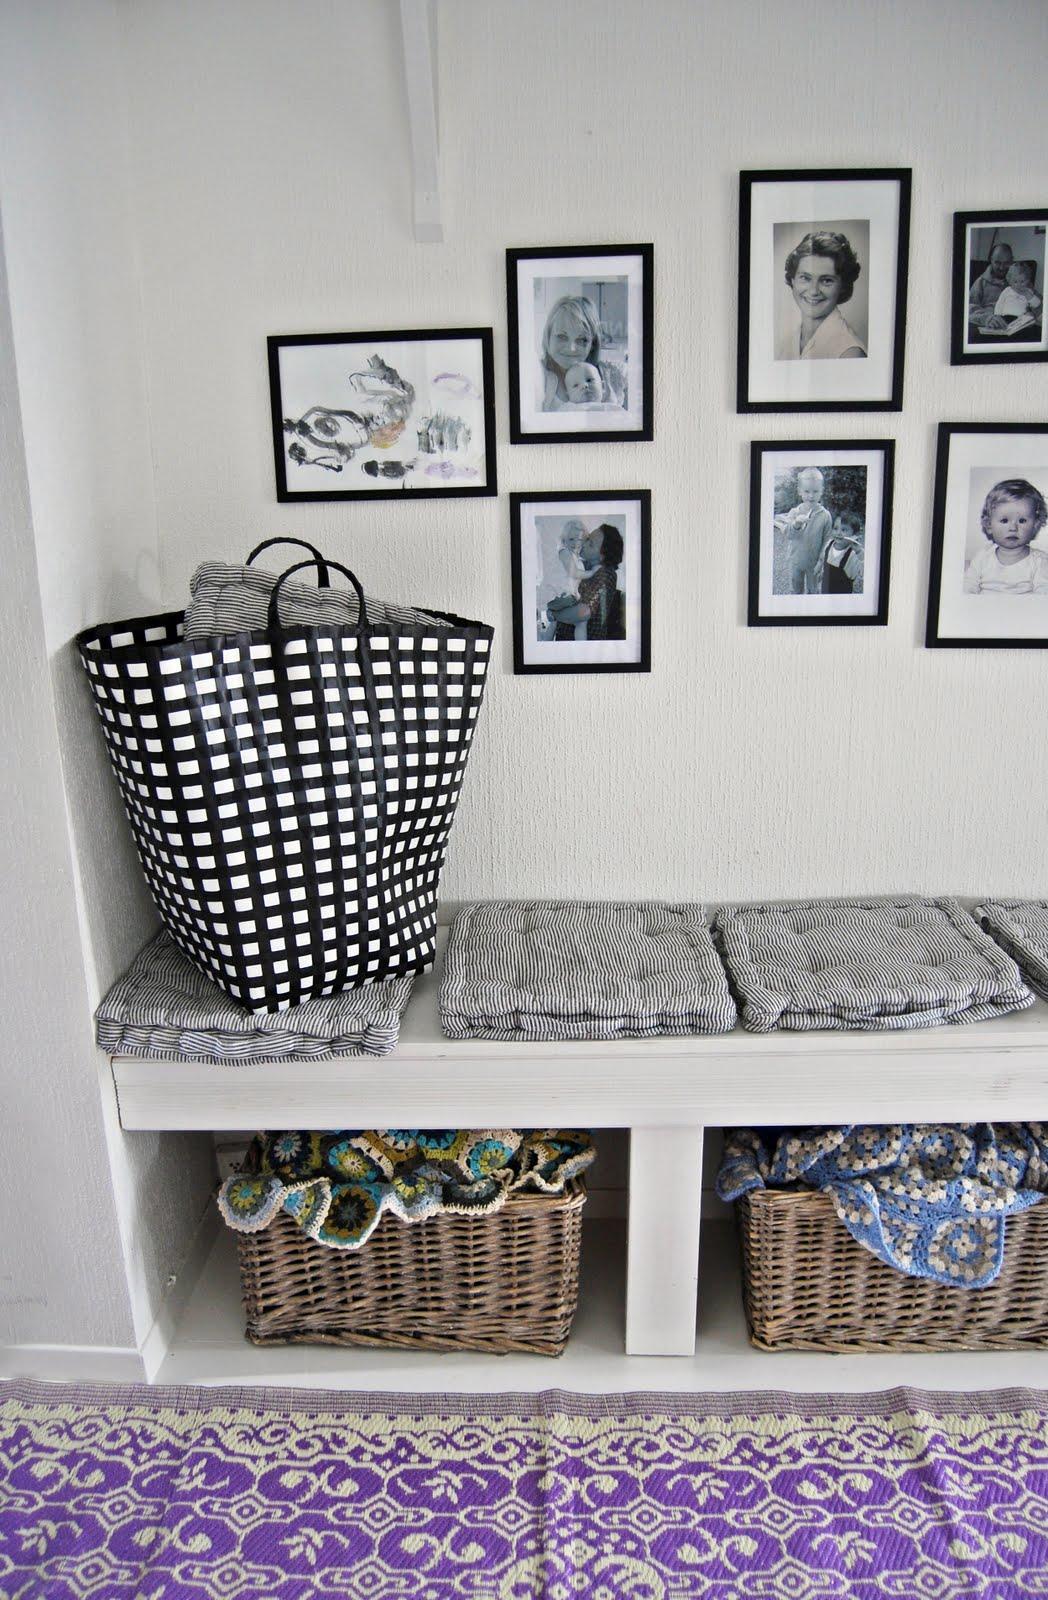 les bons plans budgets de mag id e pour l 39 entr e dans la nouvelle maison. Black Bedroom Furniture Sets. Home Design Ideas